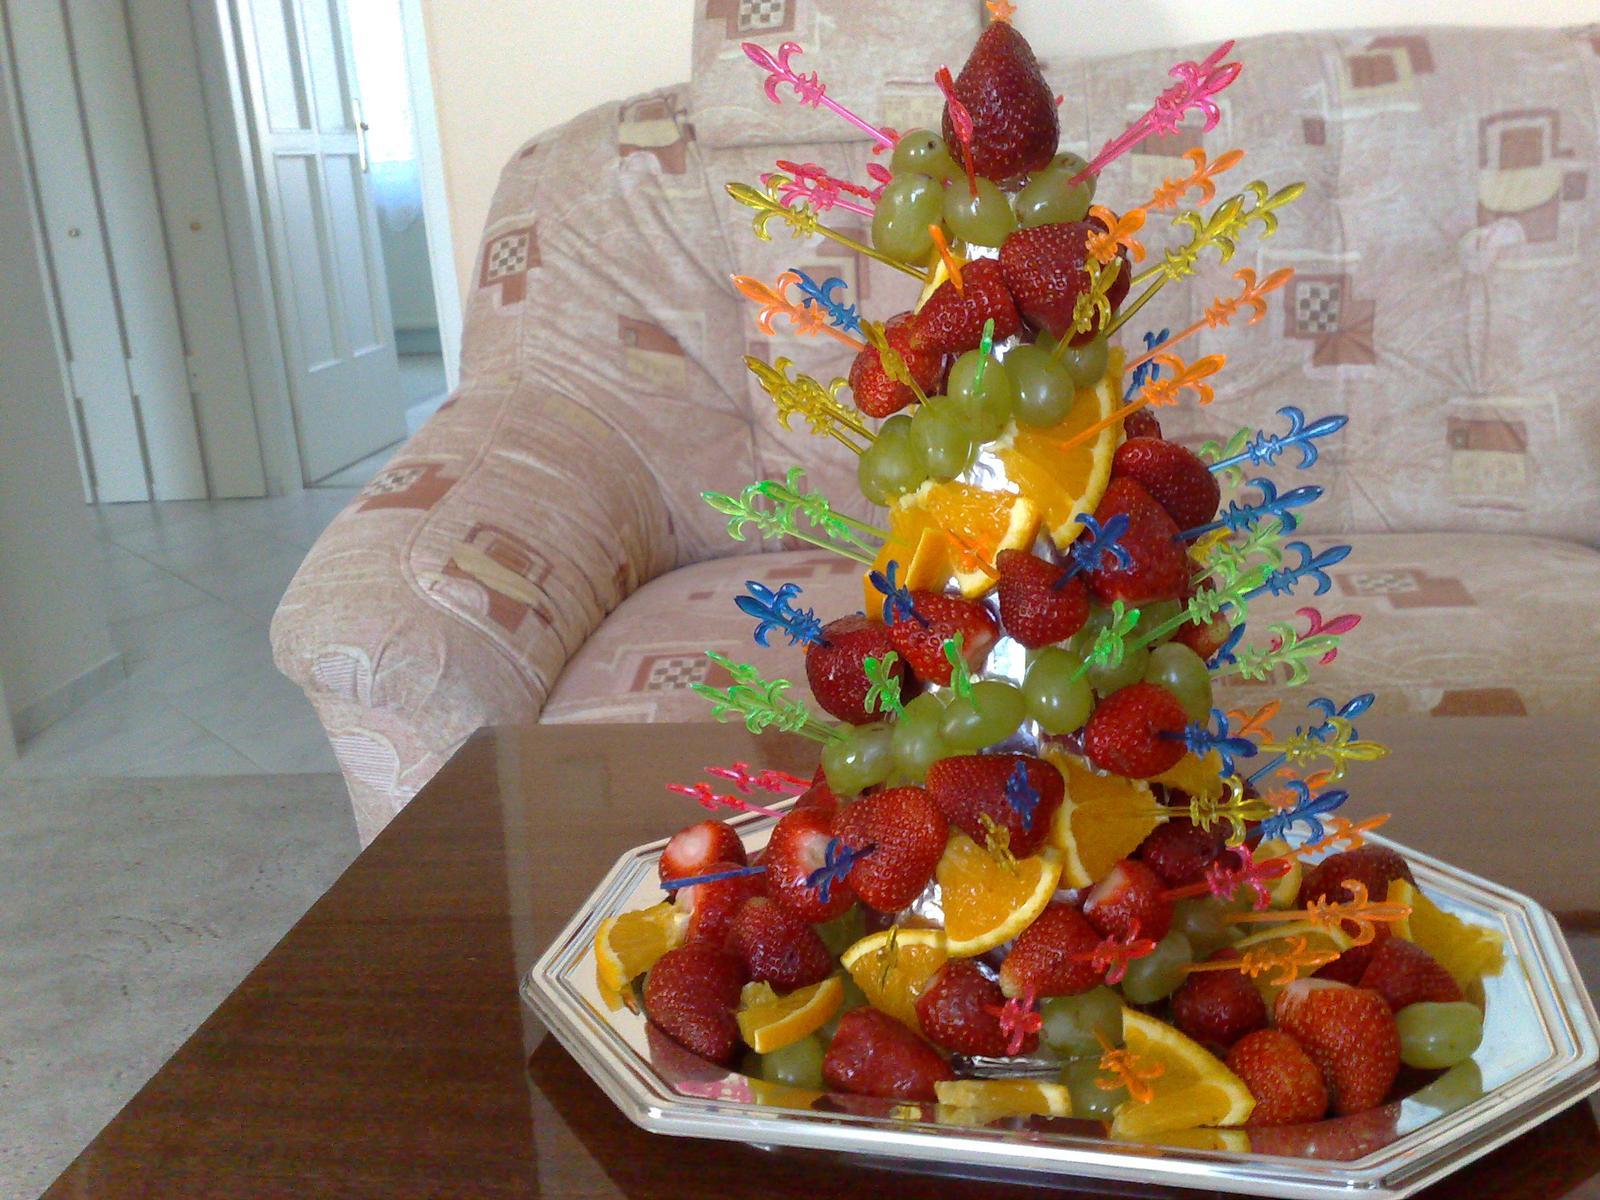 janne1 - Pyramida z ovoce k čokoládové fontáně